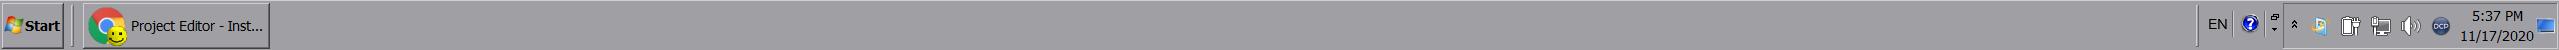 Unpin All Programs From Taskbar